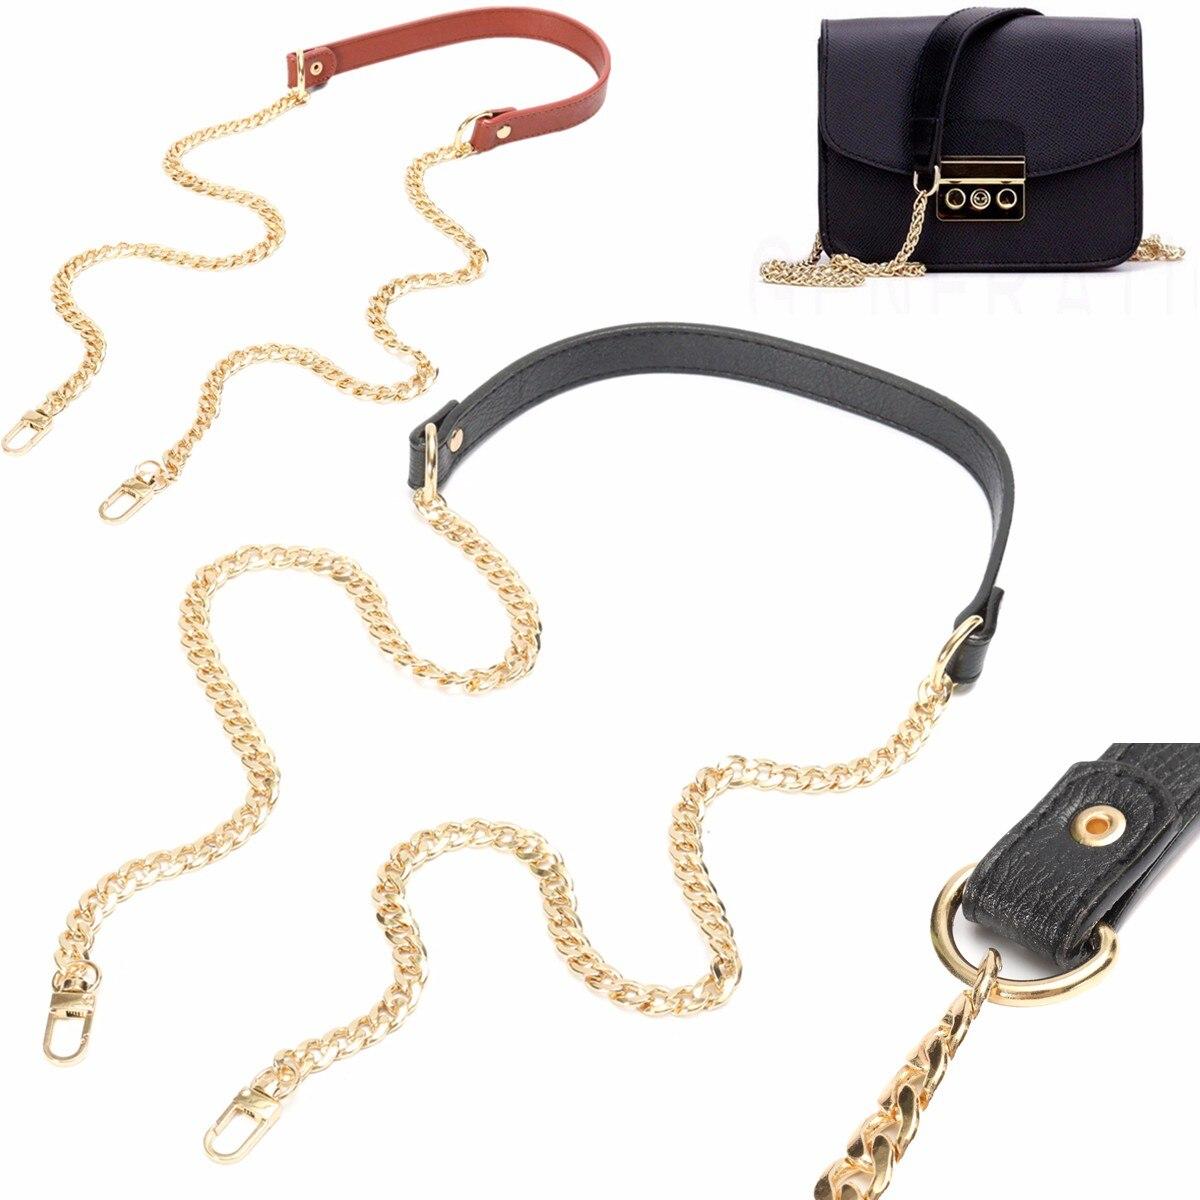 Bag Straps Replacement Shoulder Belts